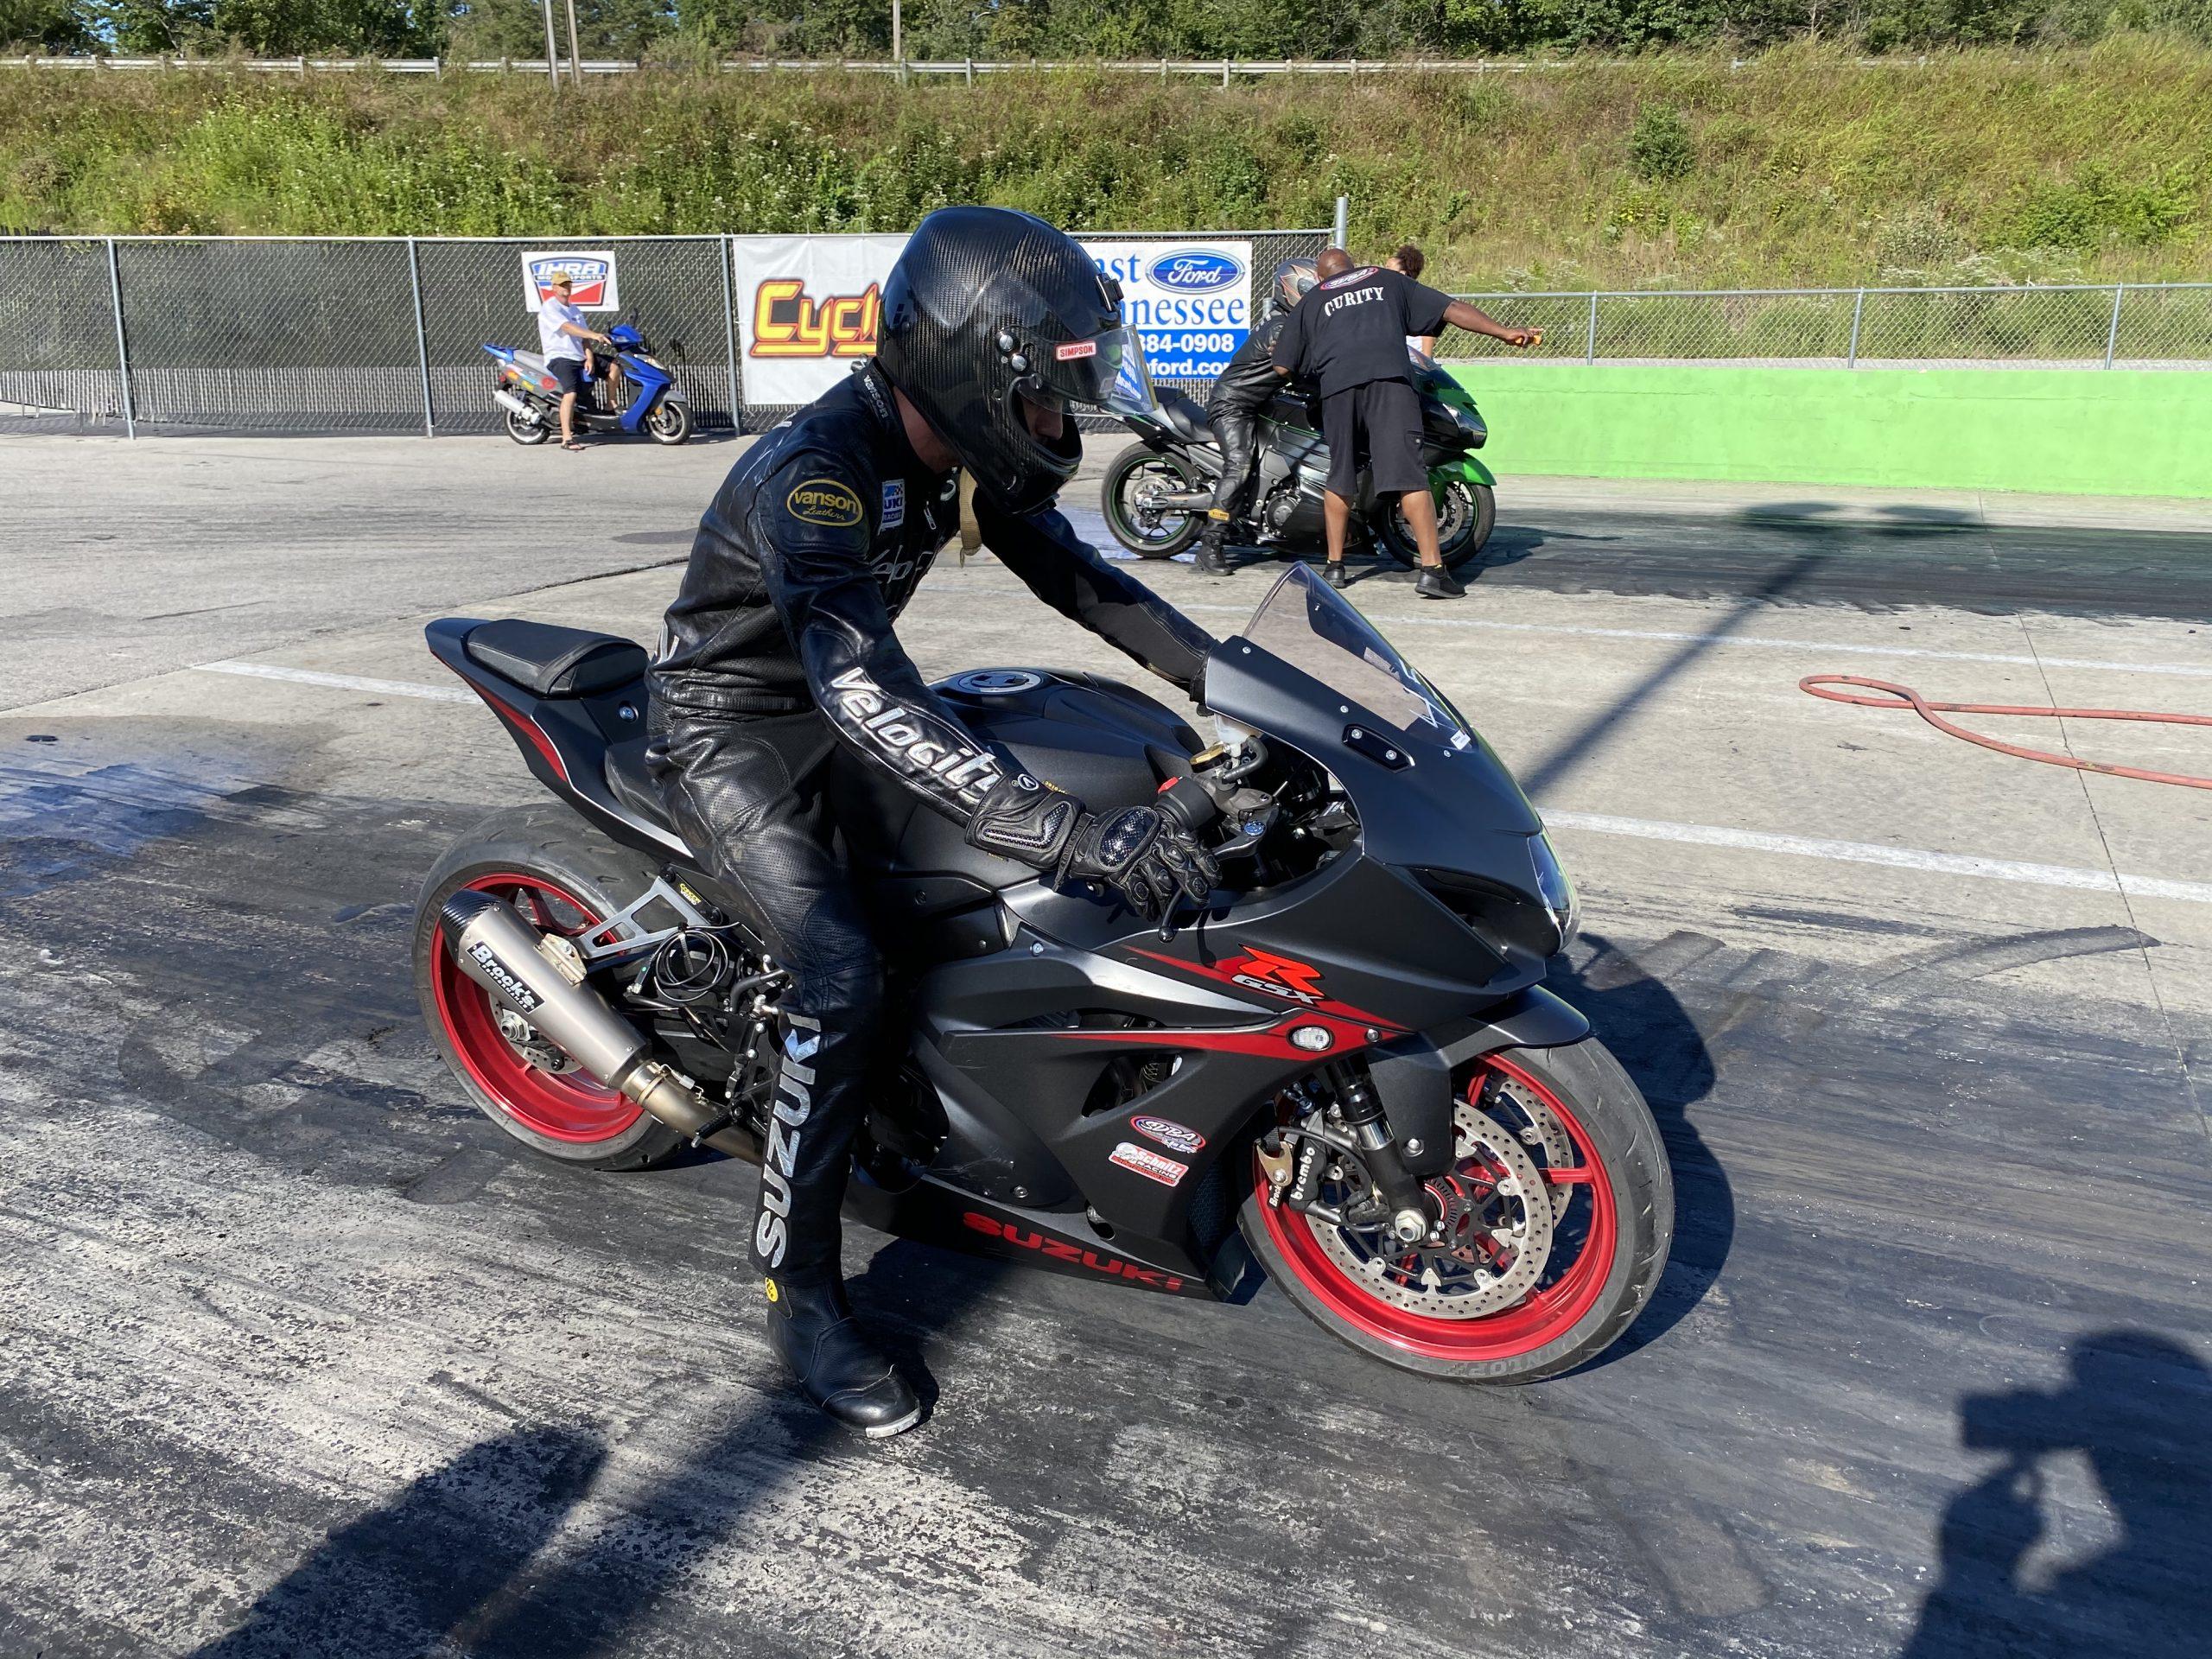 GSXR 1000 drag racing